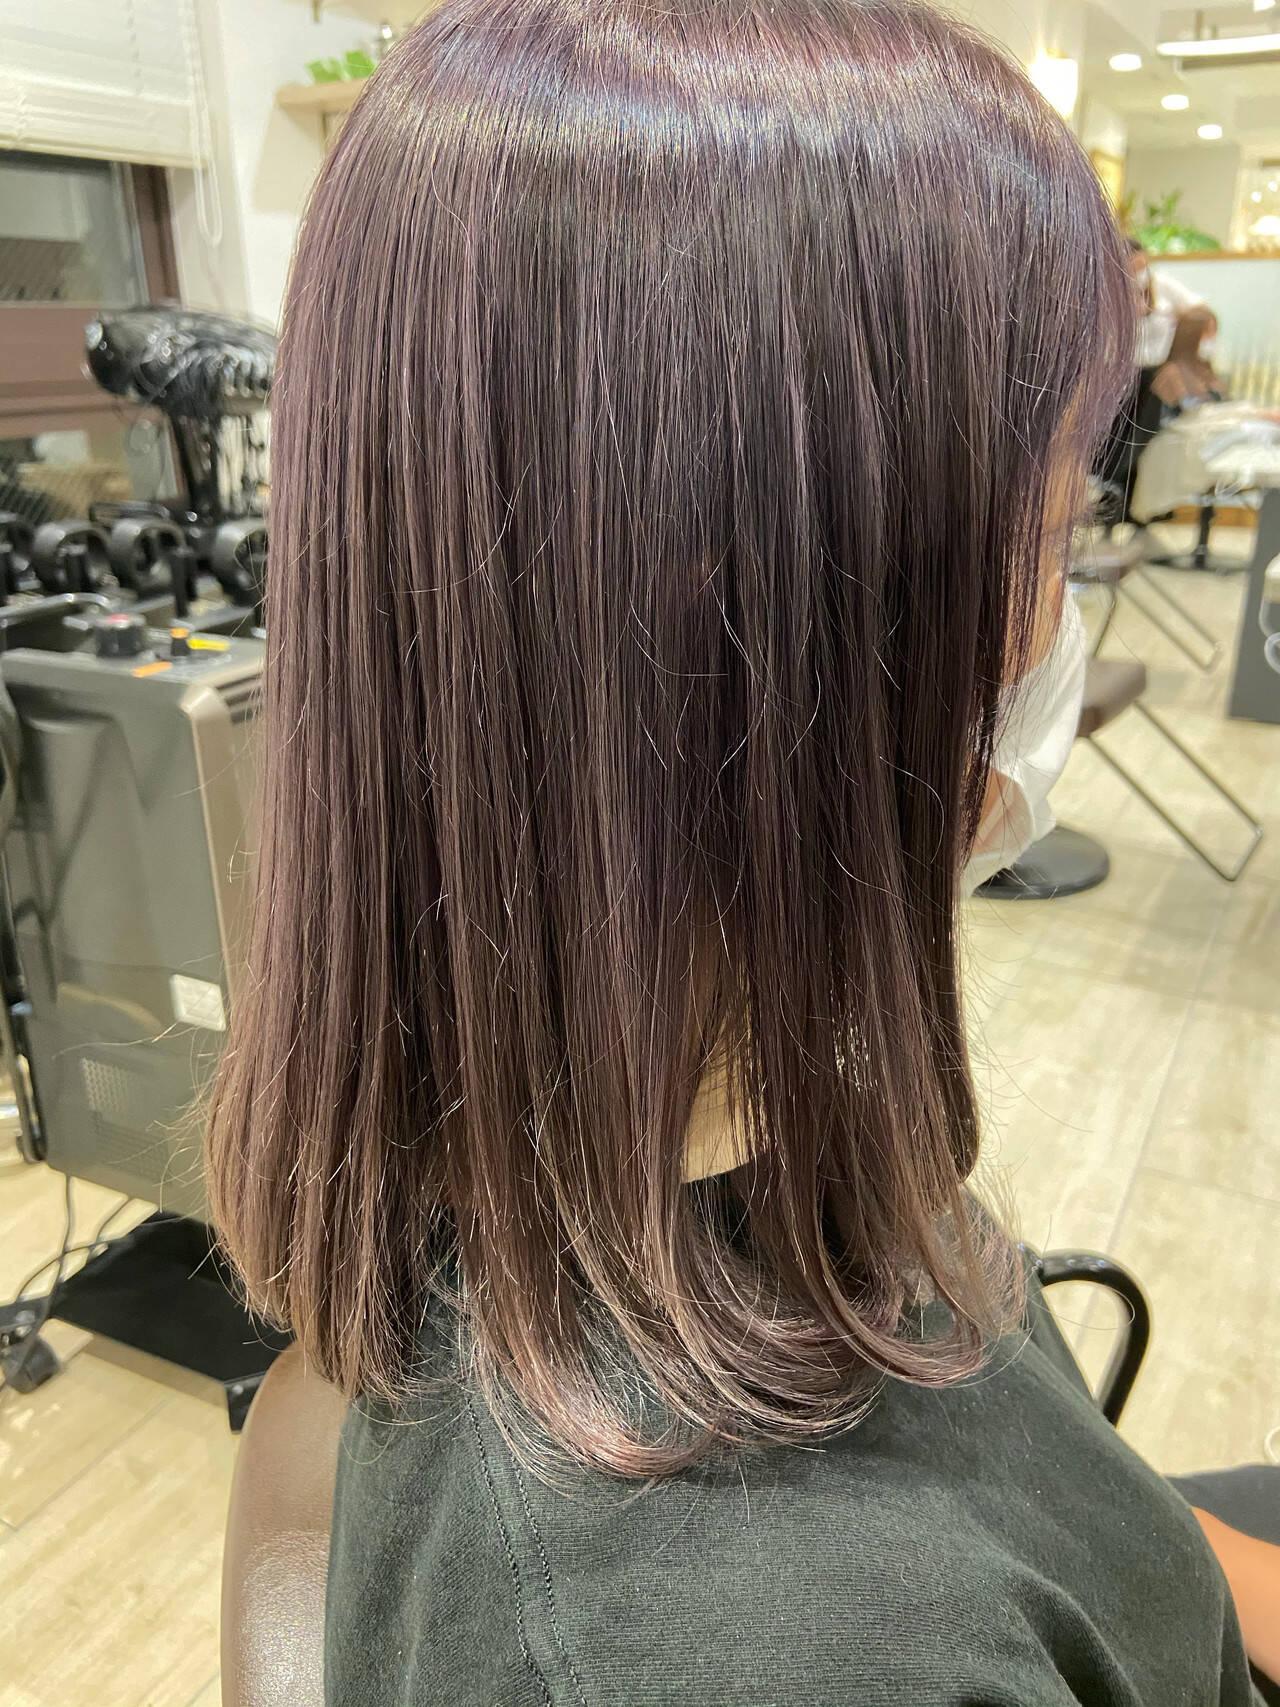 ラベンダー ラベンダーグレージュ ラベンダーアッシュ ナチュラルヘアスタイルや髪型の写真・画像